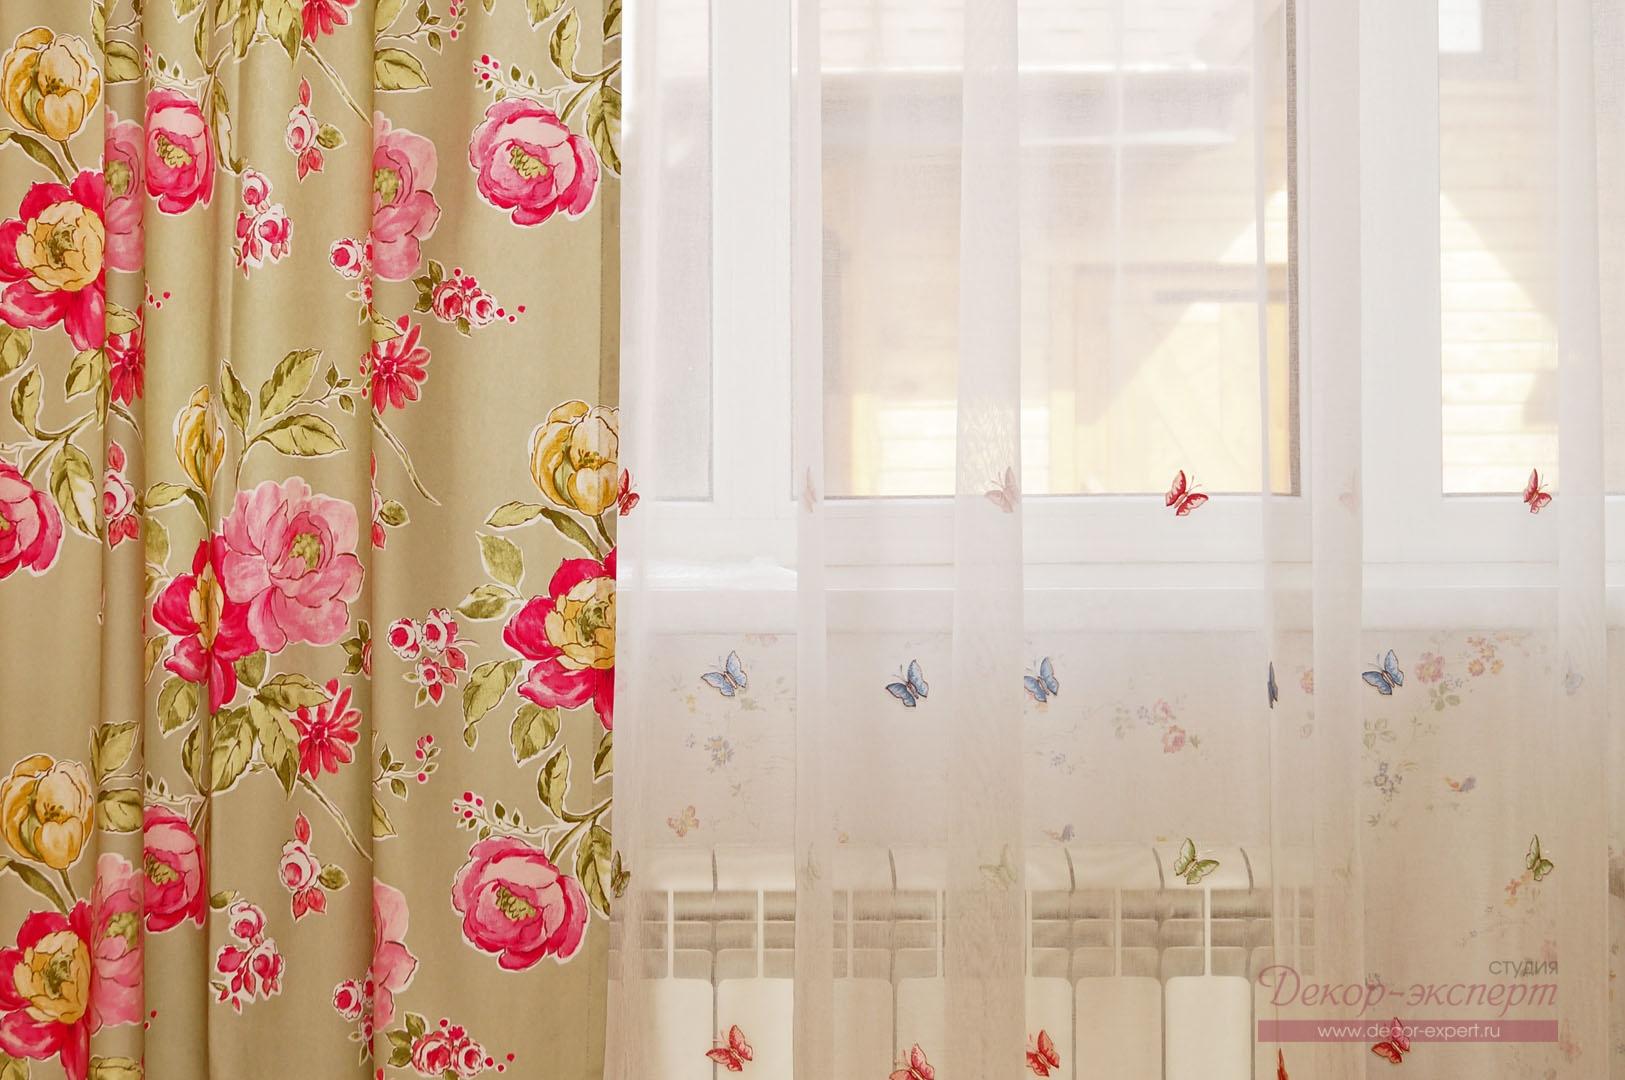 Портьера из хлопковой ткани с цветочным принтом в сочетании с вышивкой на тюле